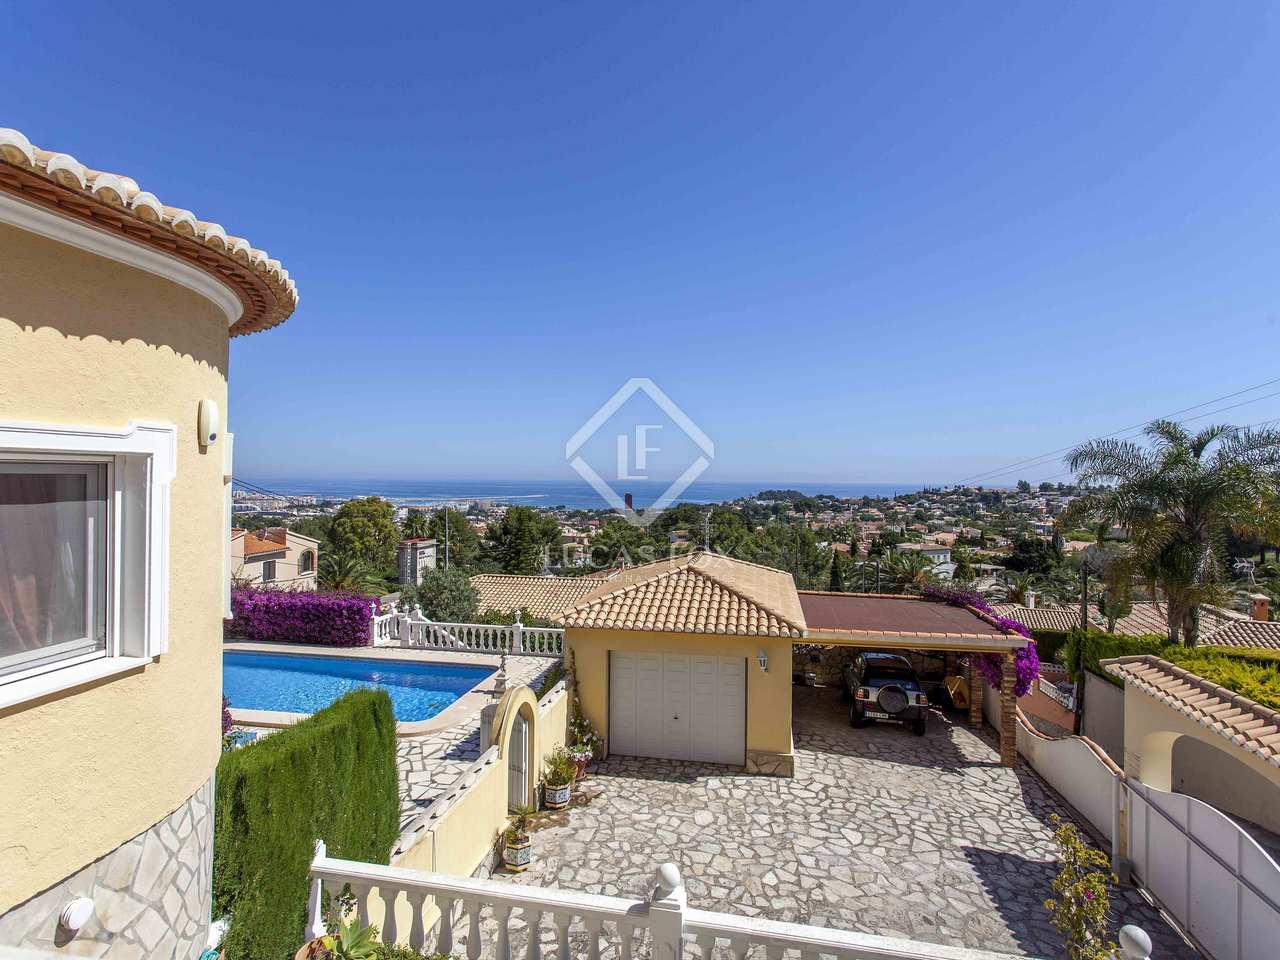 Villa con terraza y bonitas vistas al mar en venta en d nia for Terrazas 1280 a